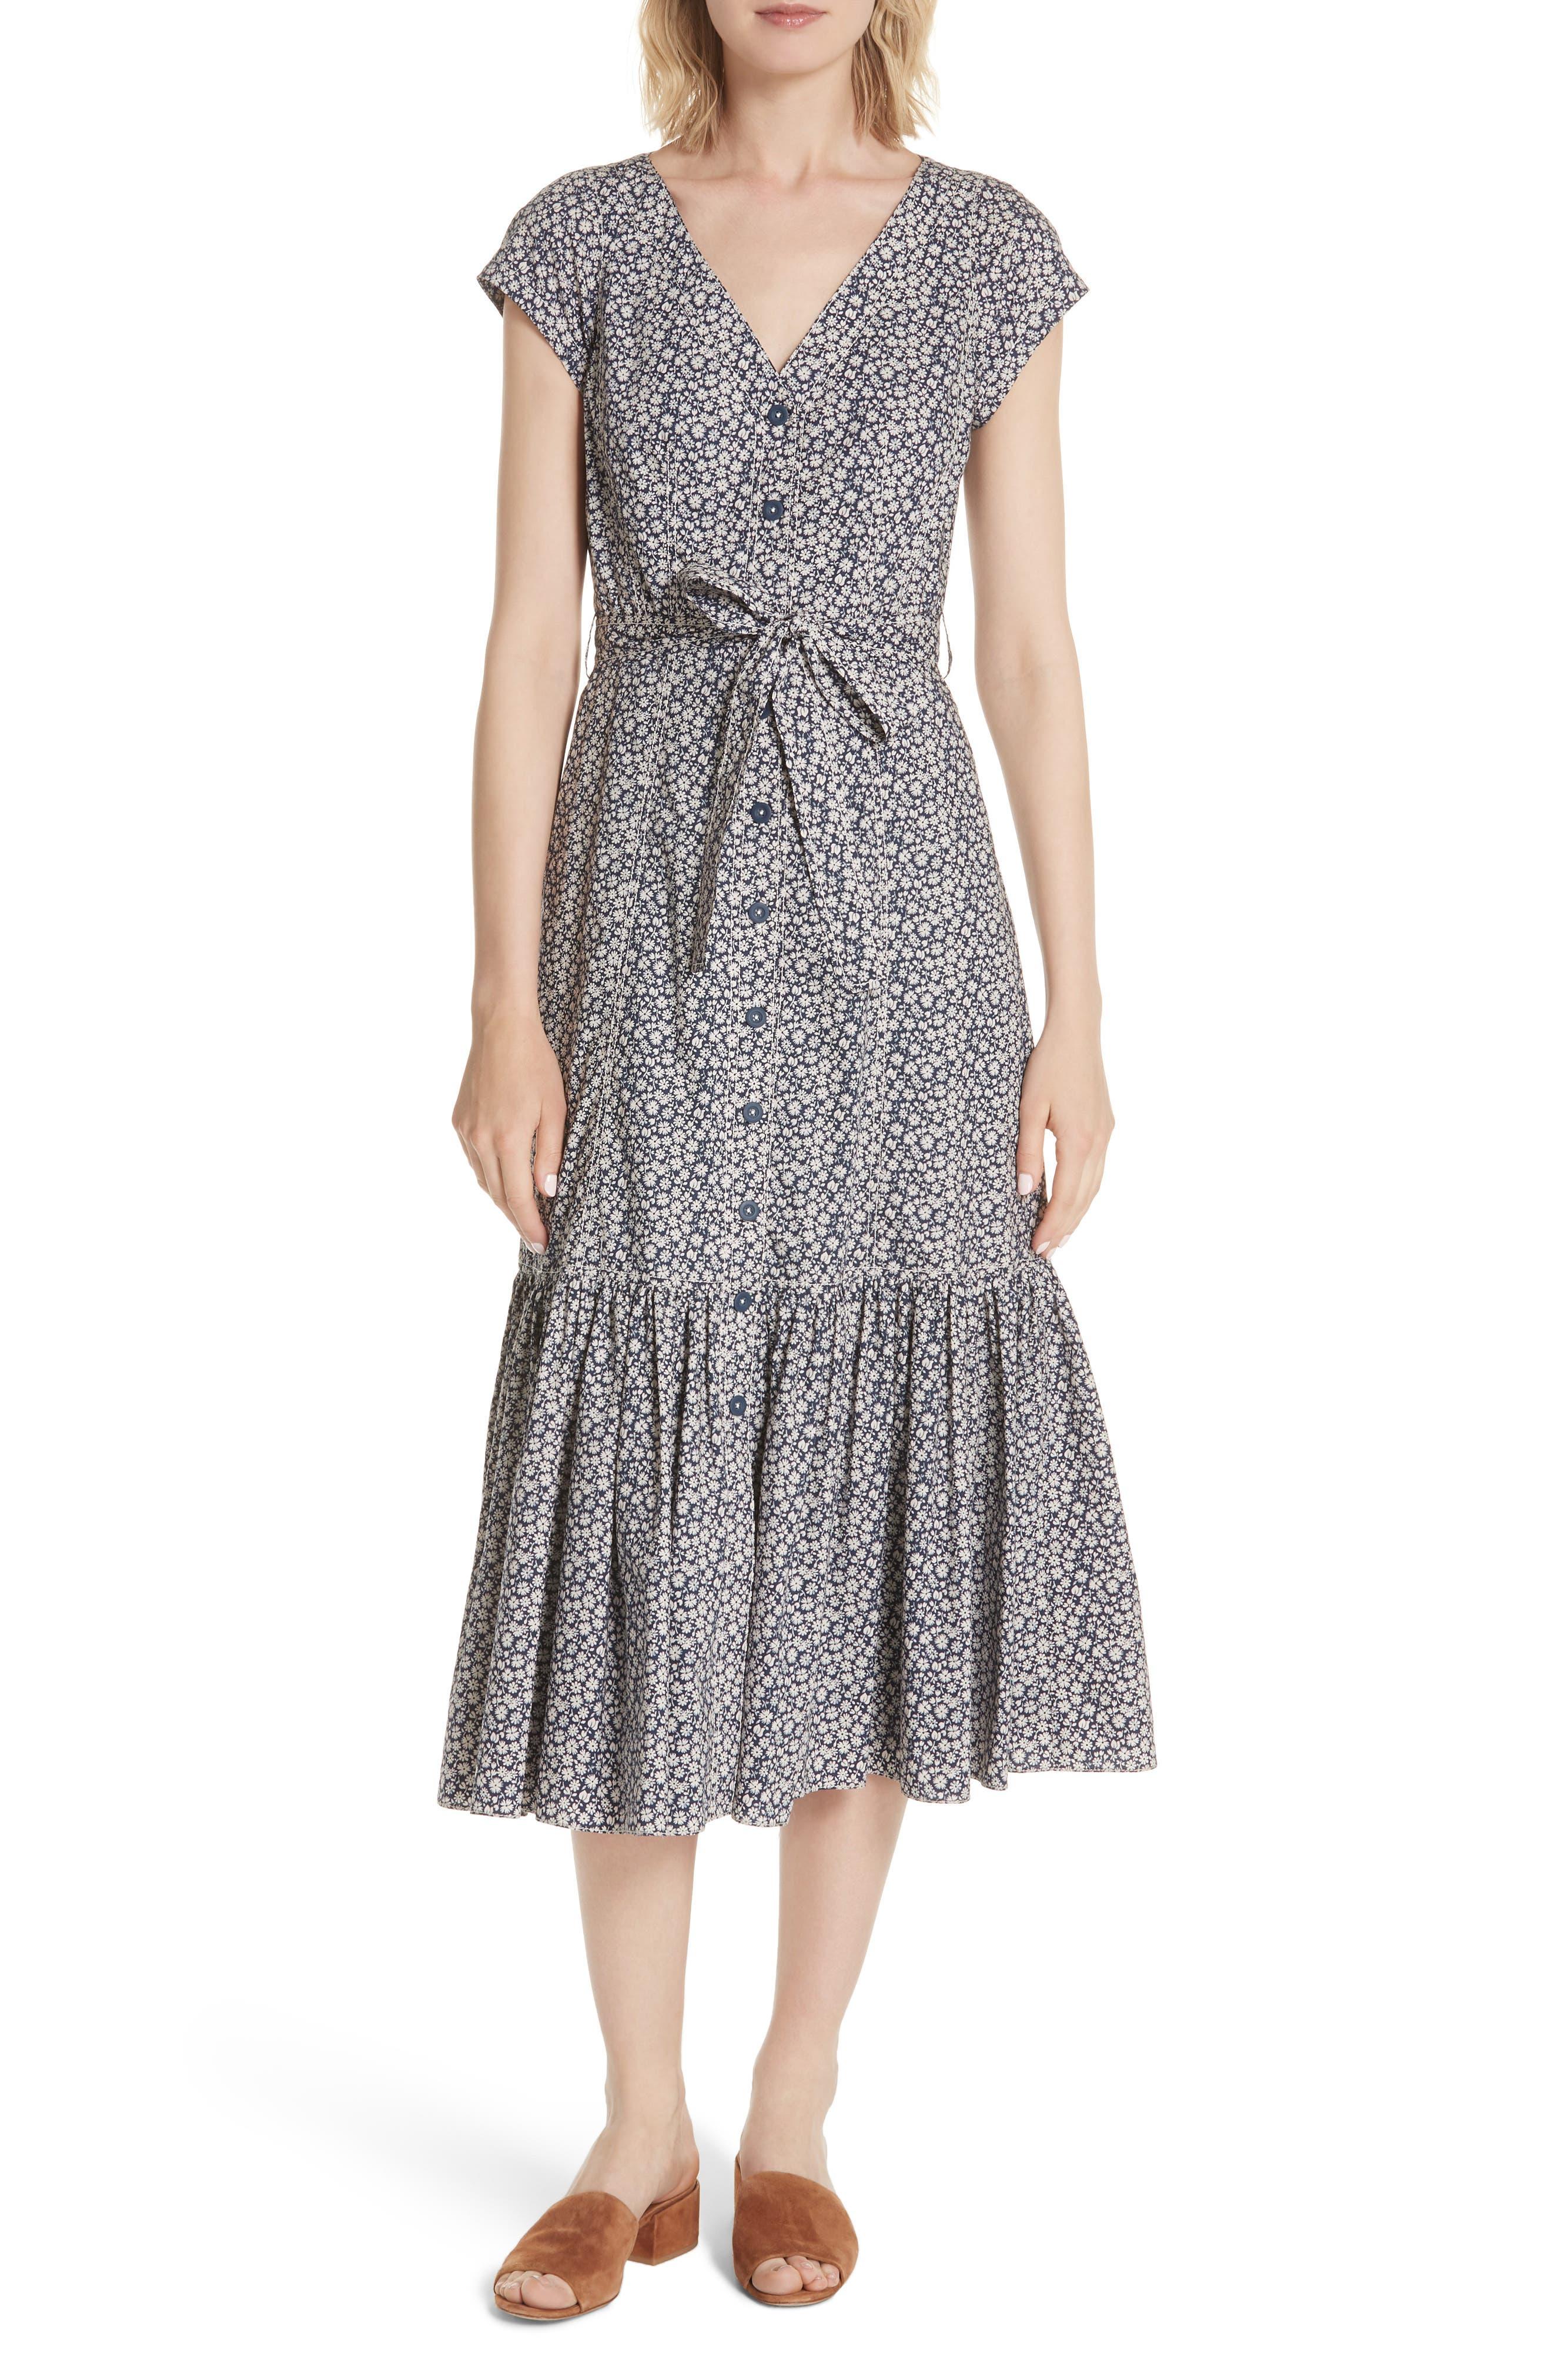 Lauren Tie Front Floral Cotton Dress, Main, color, 450